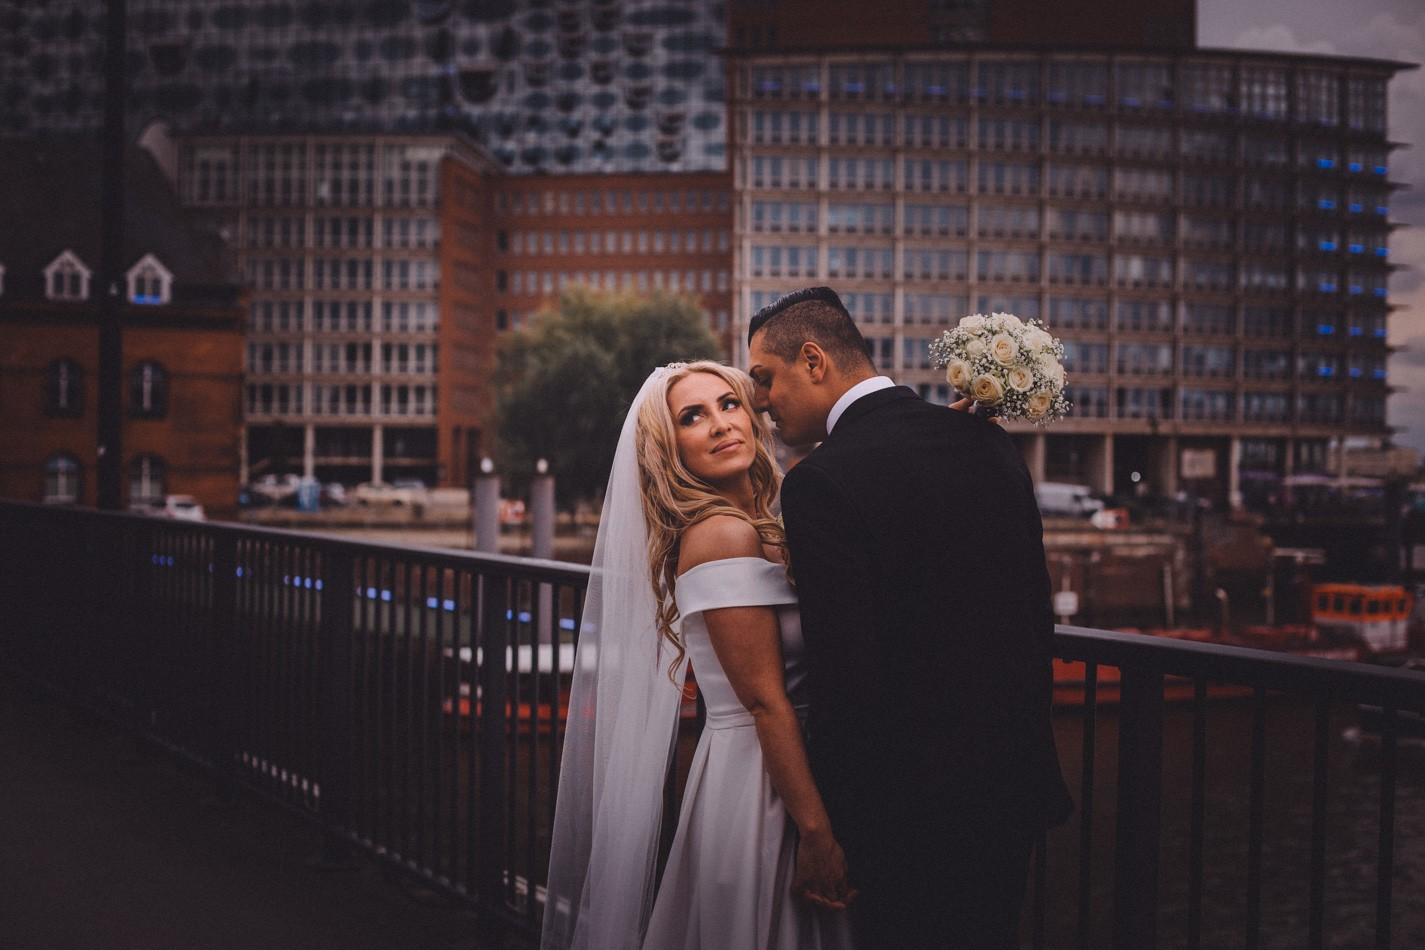 Hochzeitsfotoshooting in der Nähe von Elbphilarmonie in Hamburg